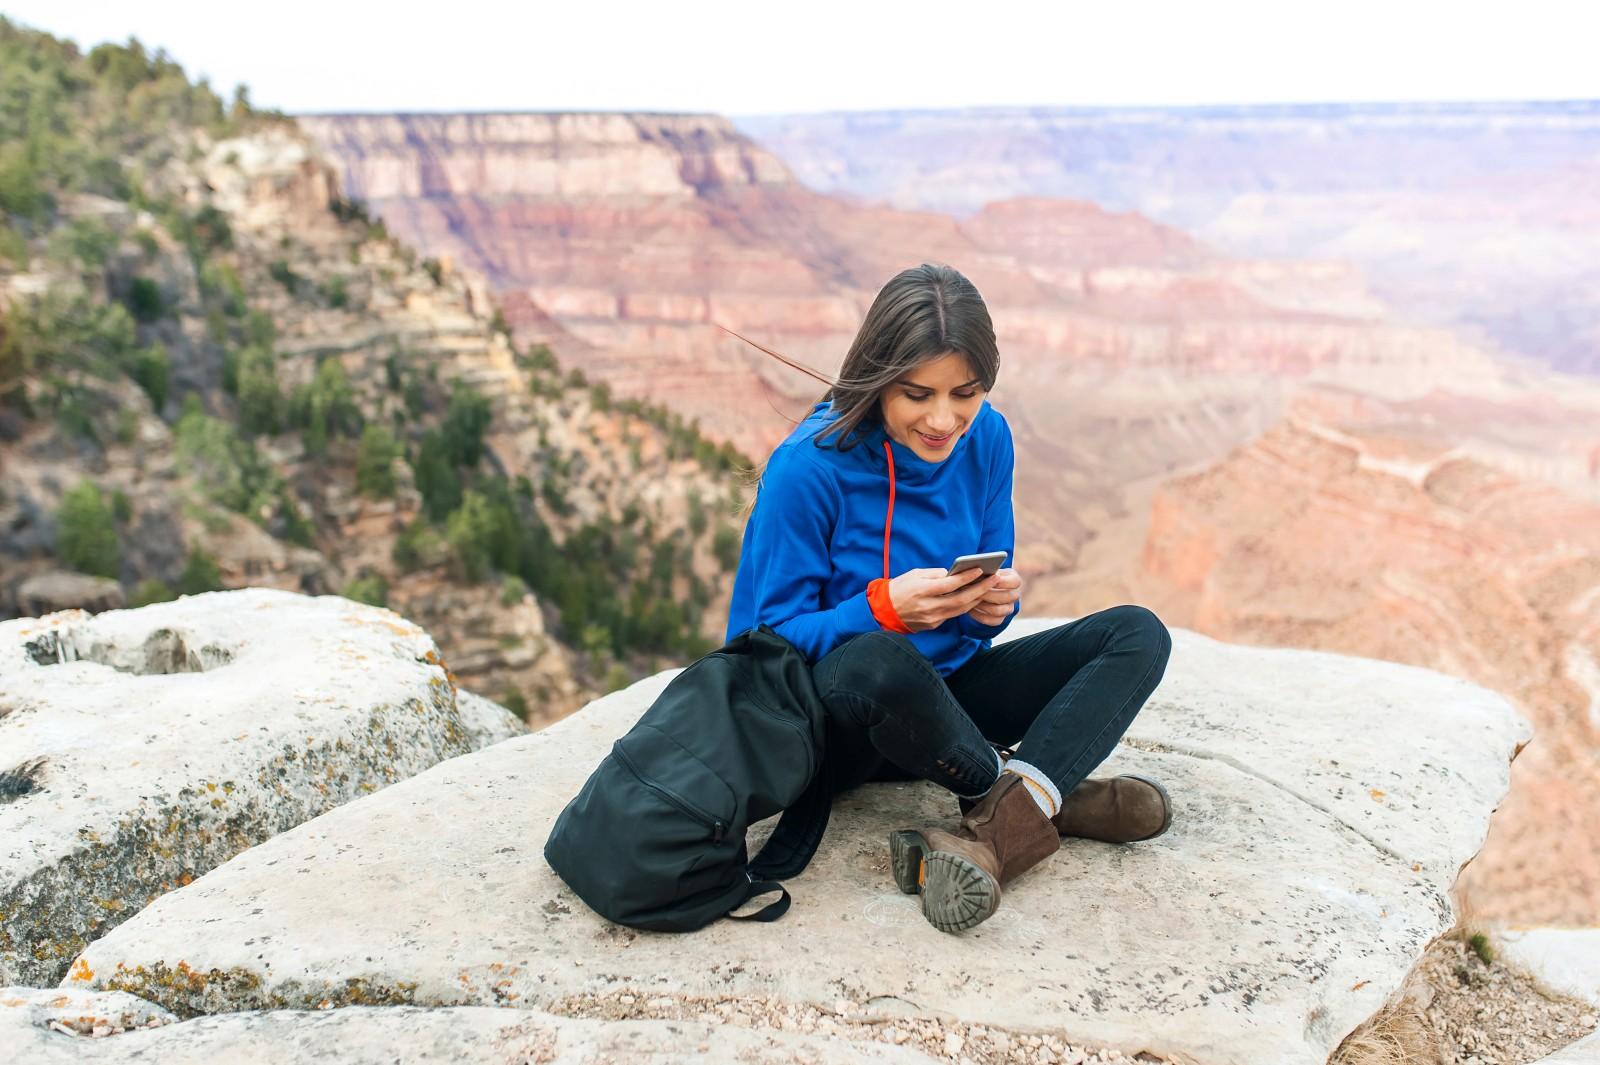 Eine neue App des National Park Service soll die Planung eines Besuchs in den bekannten US-Nationalparks deutlich erleichtern.